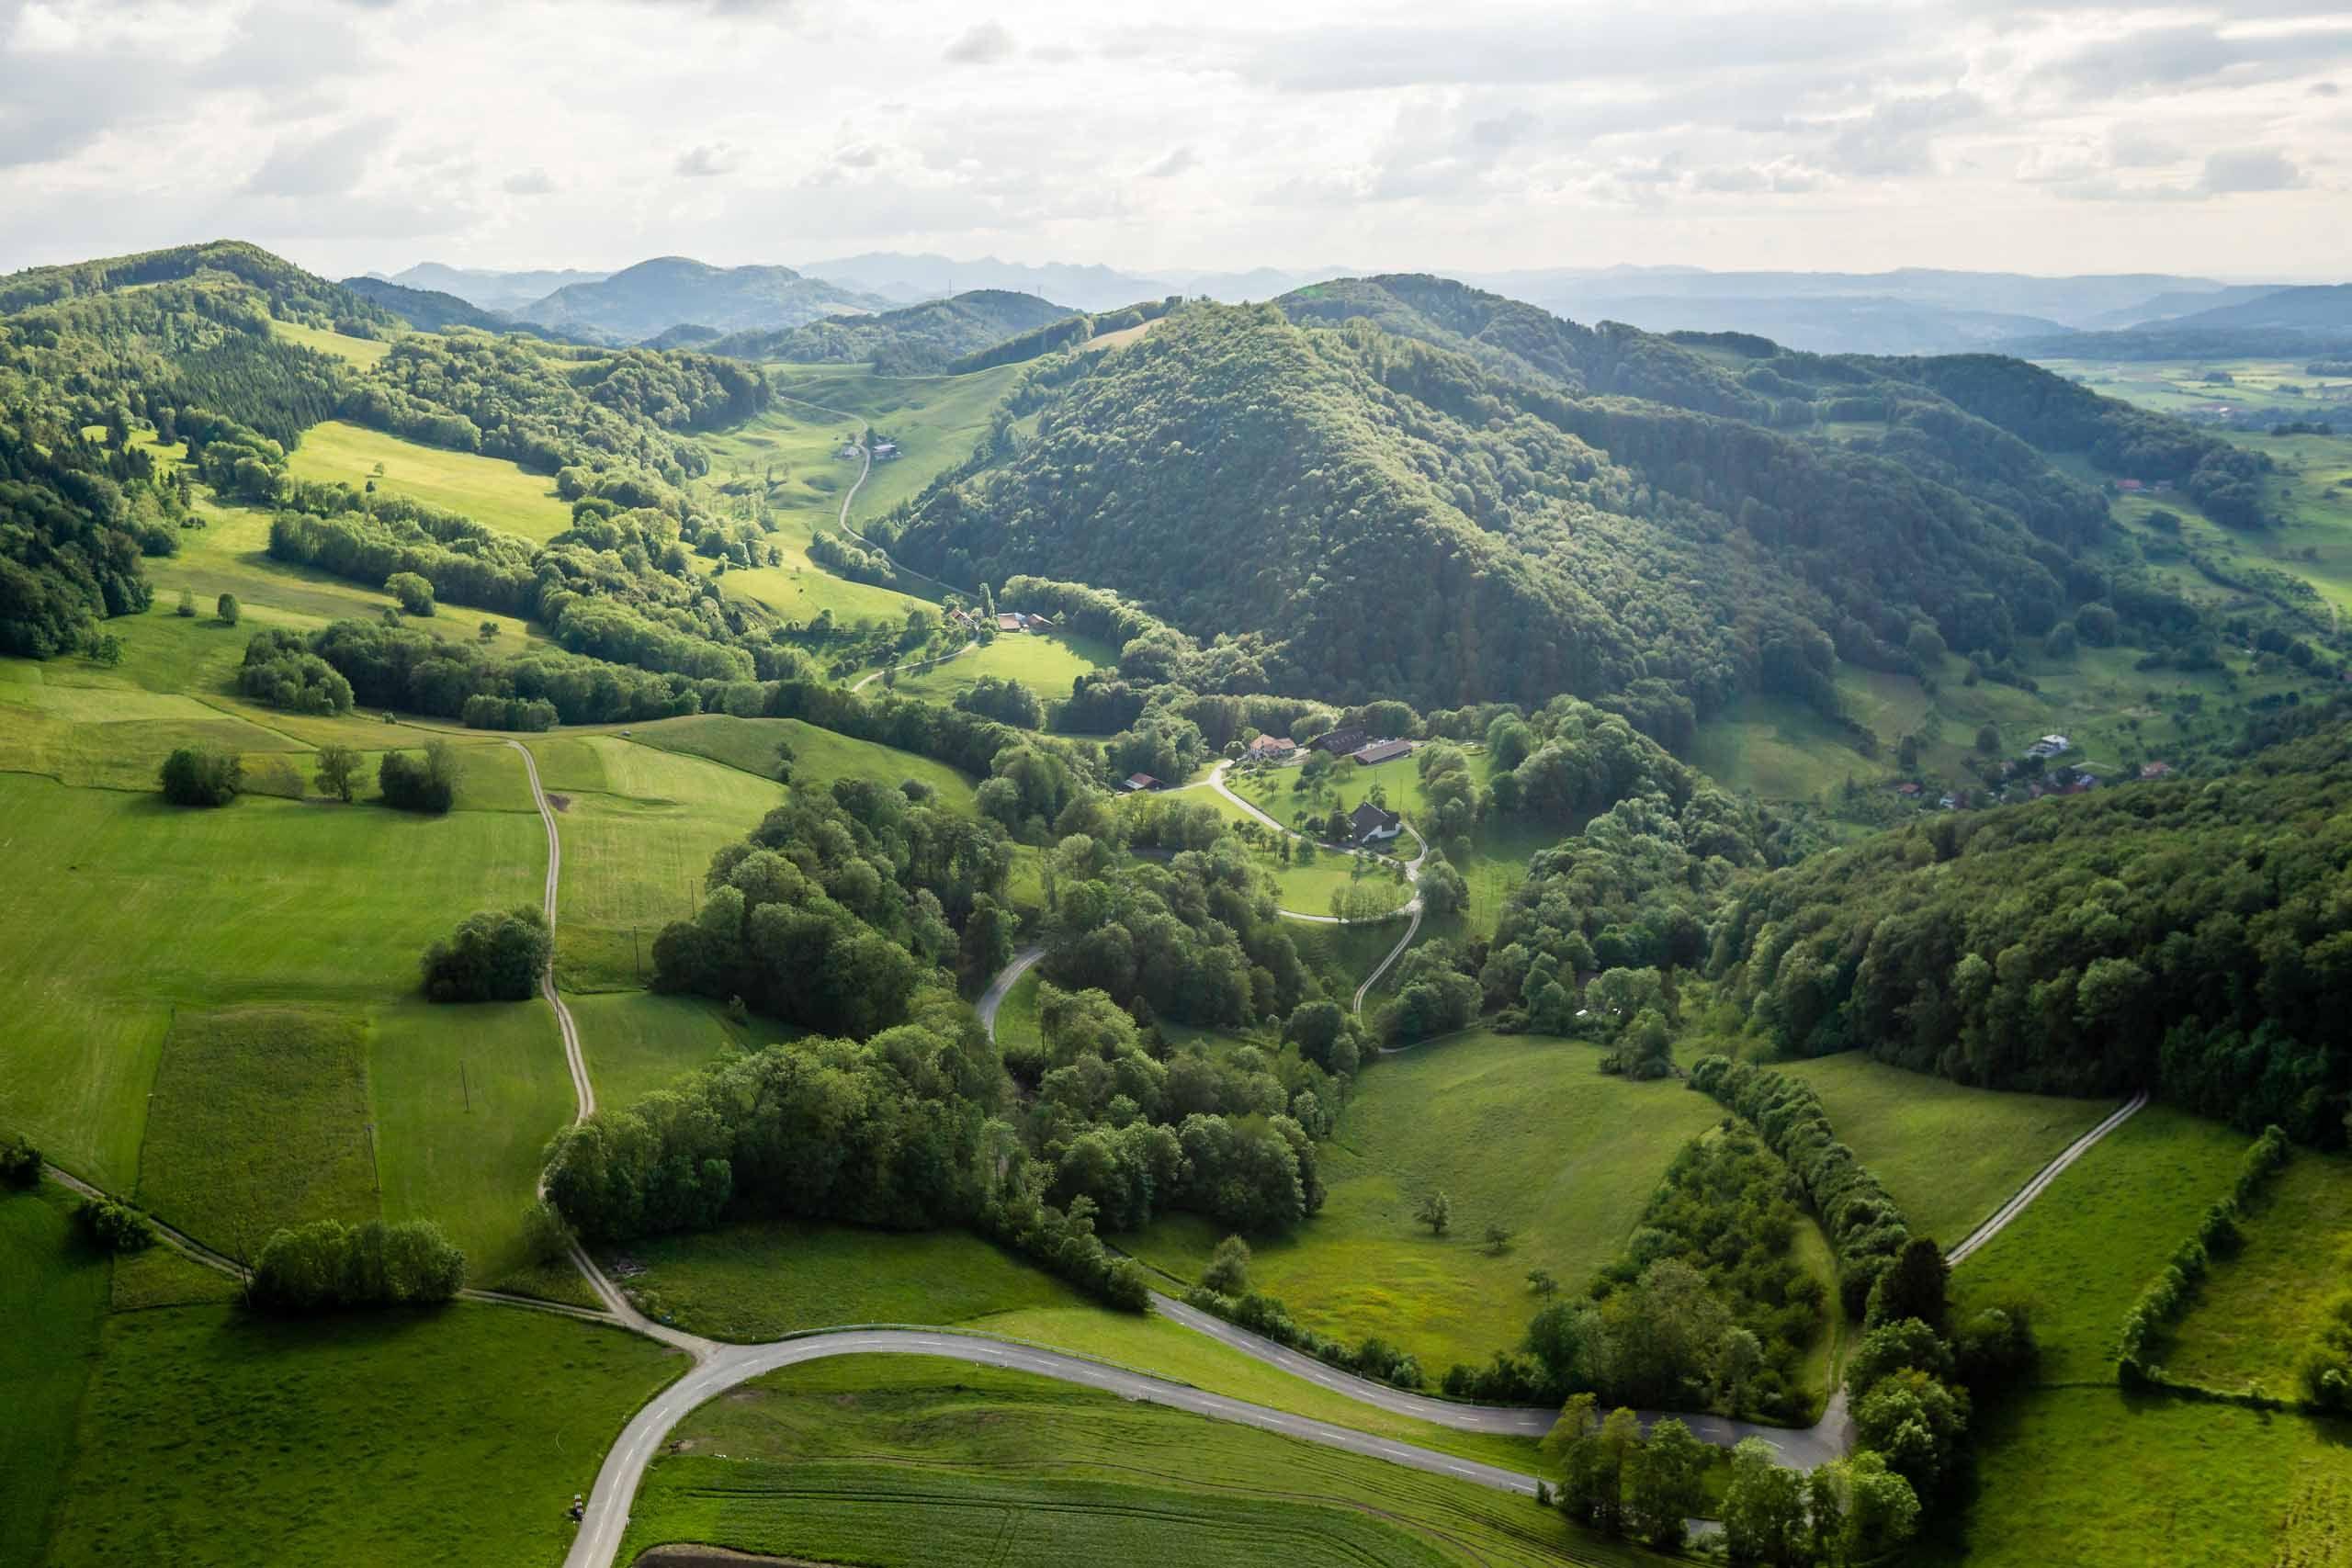 Luftaufnahme Jurapark Aargau | Luftaufnahmen Landschaften ...